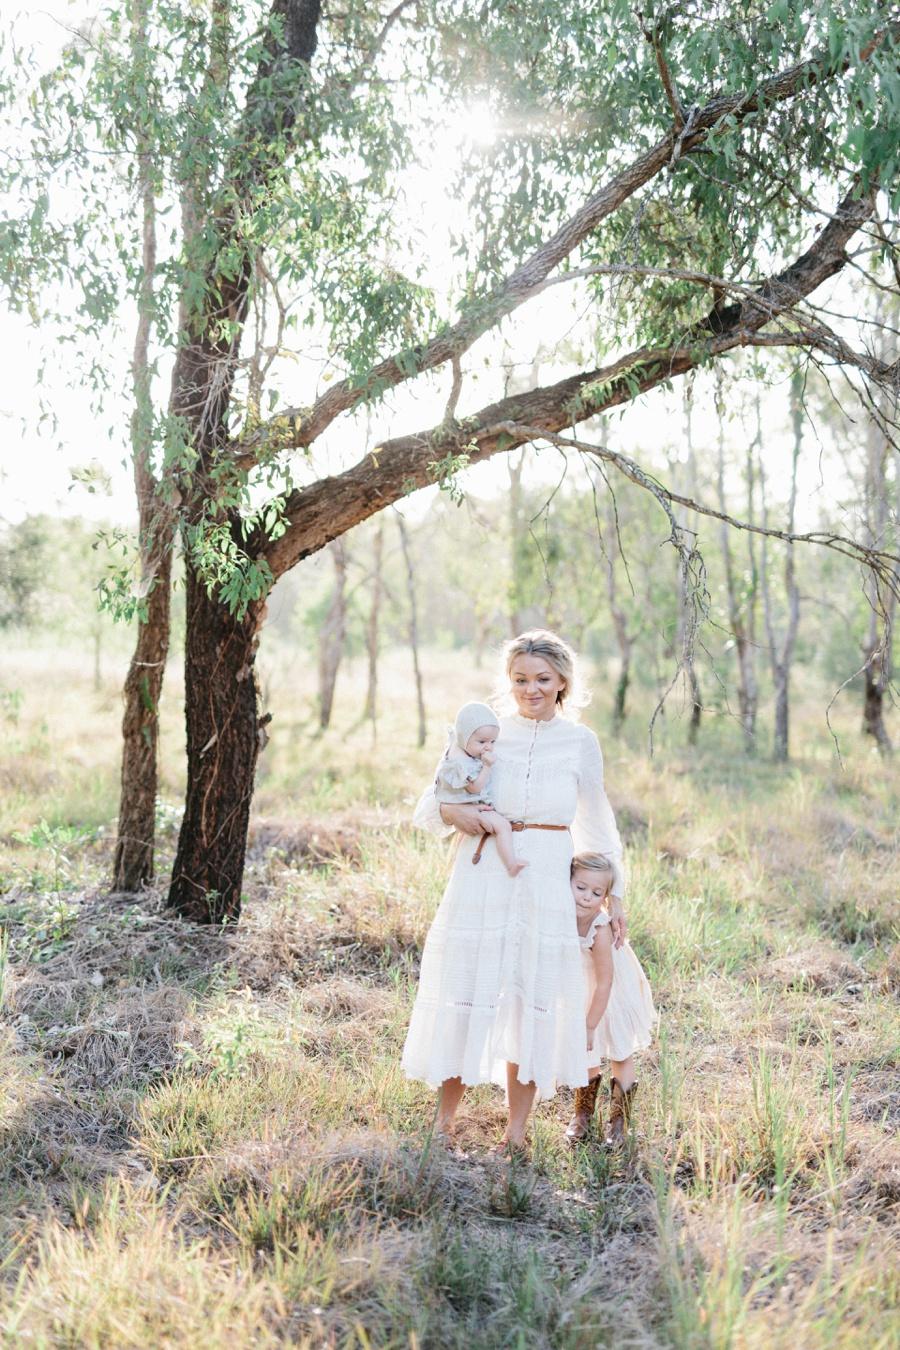 Brisbane-Best-Family-photographer-162.jpg